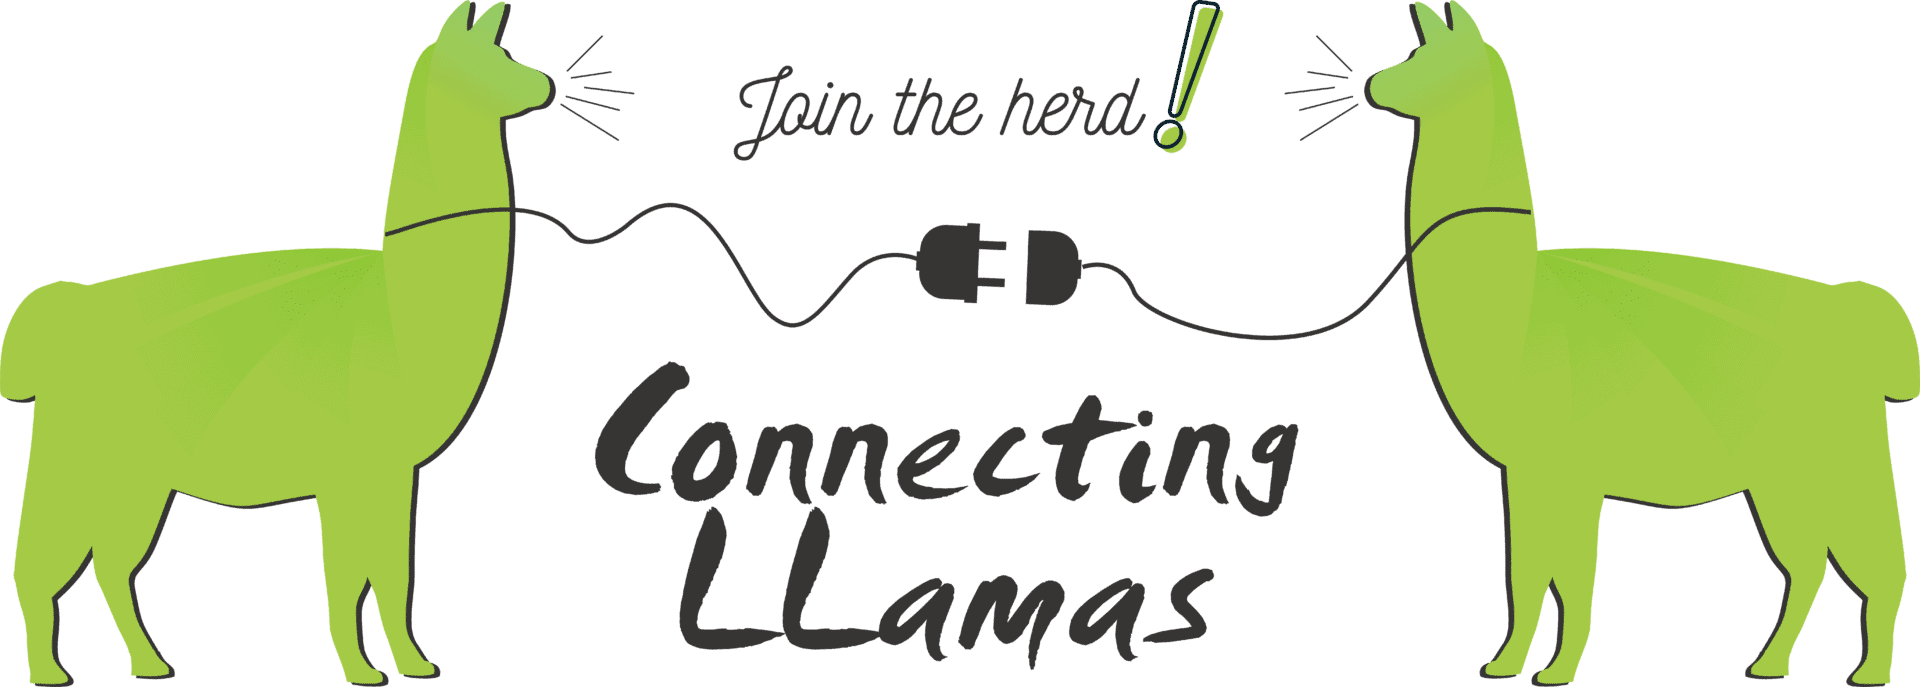 Connecting LLamas